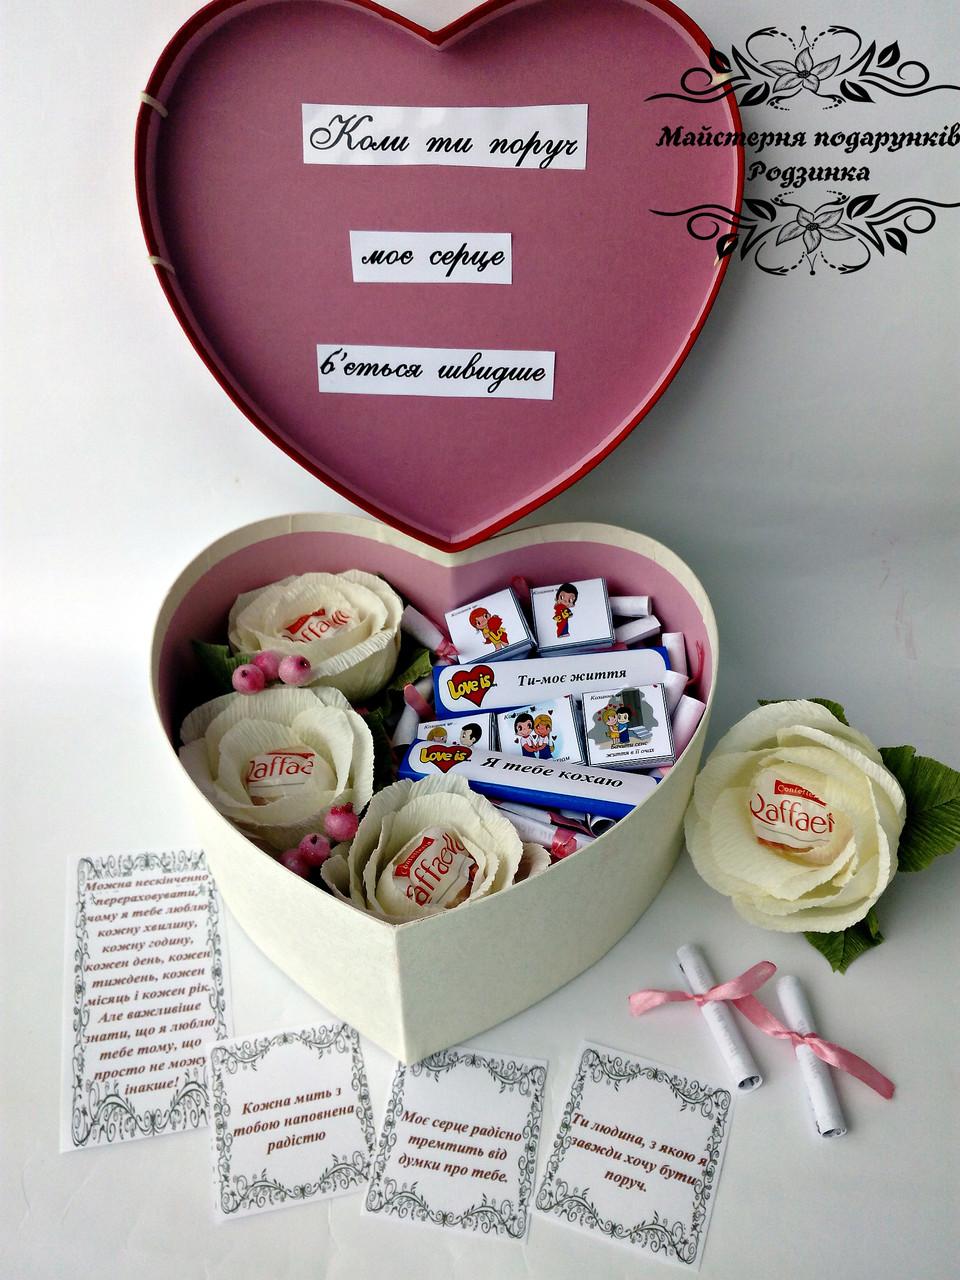 """Подарунковий набір для коханого,коханої """"101 причина кохання"""",""""101 поза камасутри"""". Подарунок на річницю"""